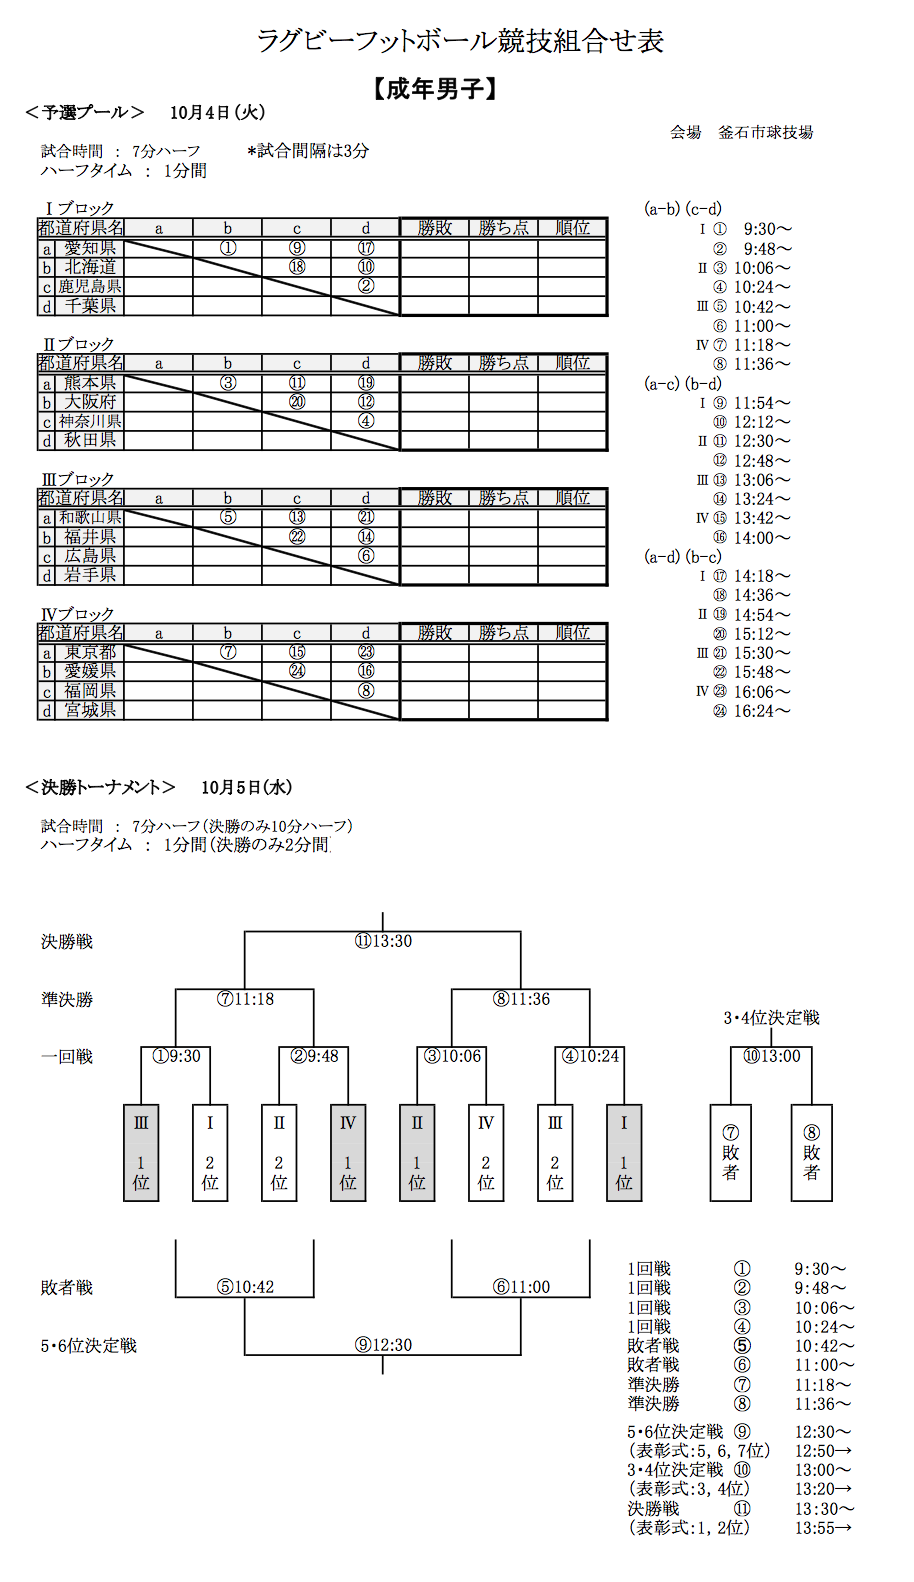 kokutai_seinendanshi